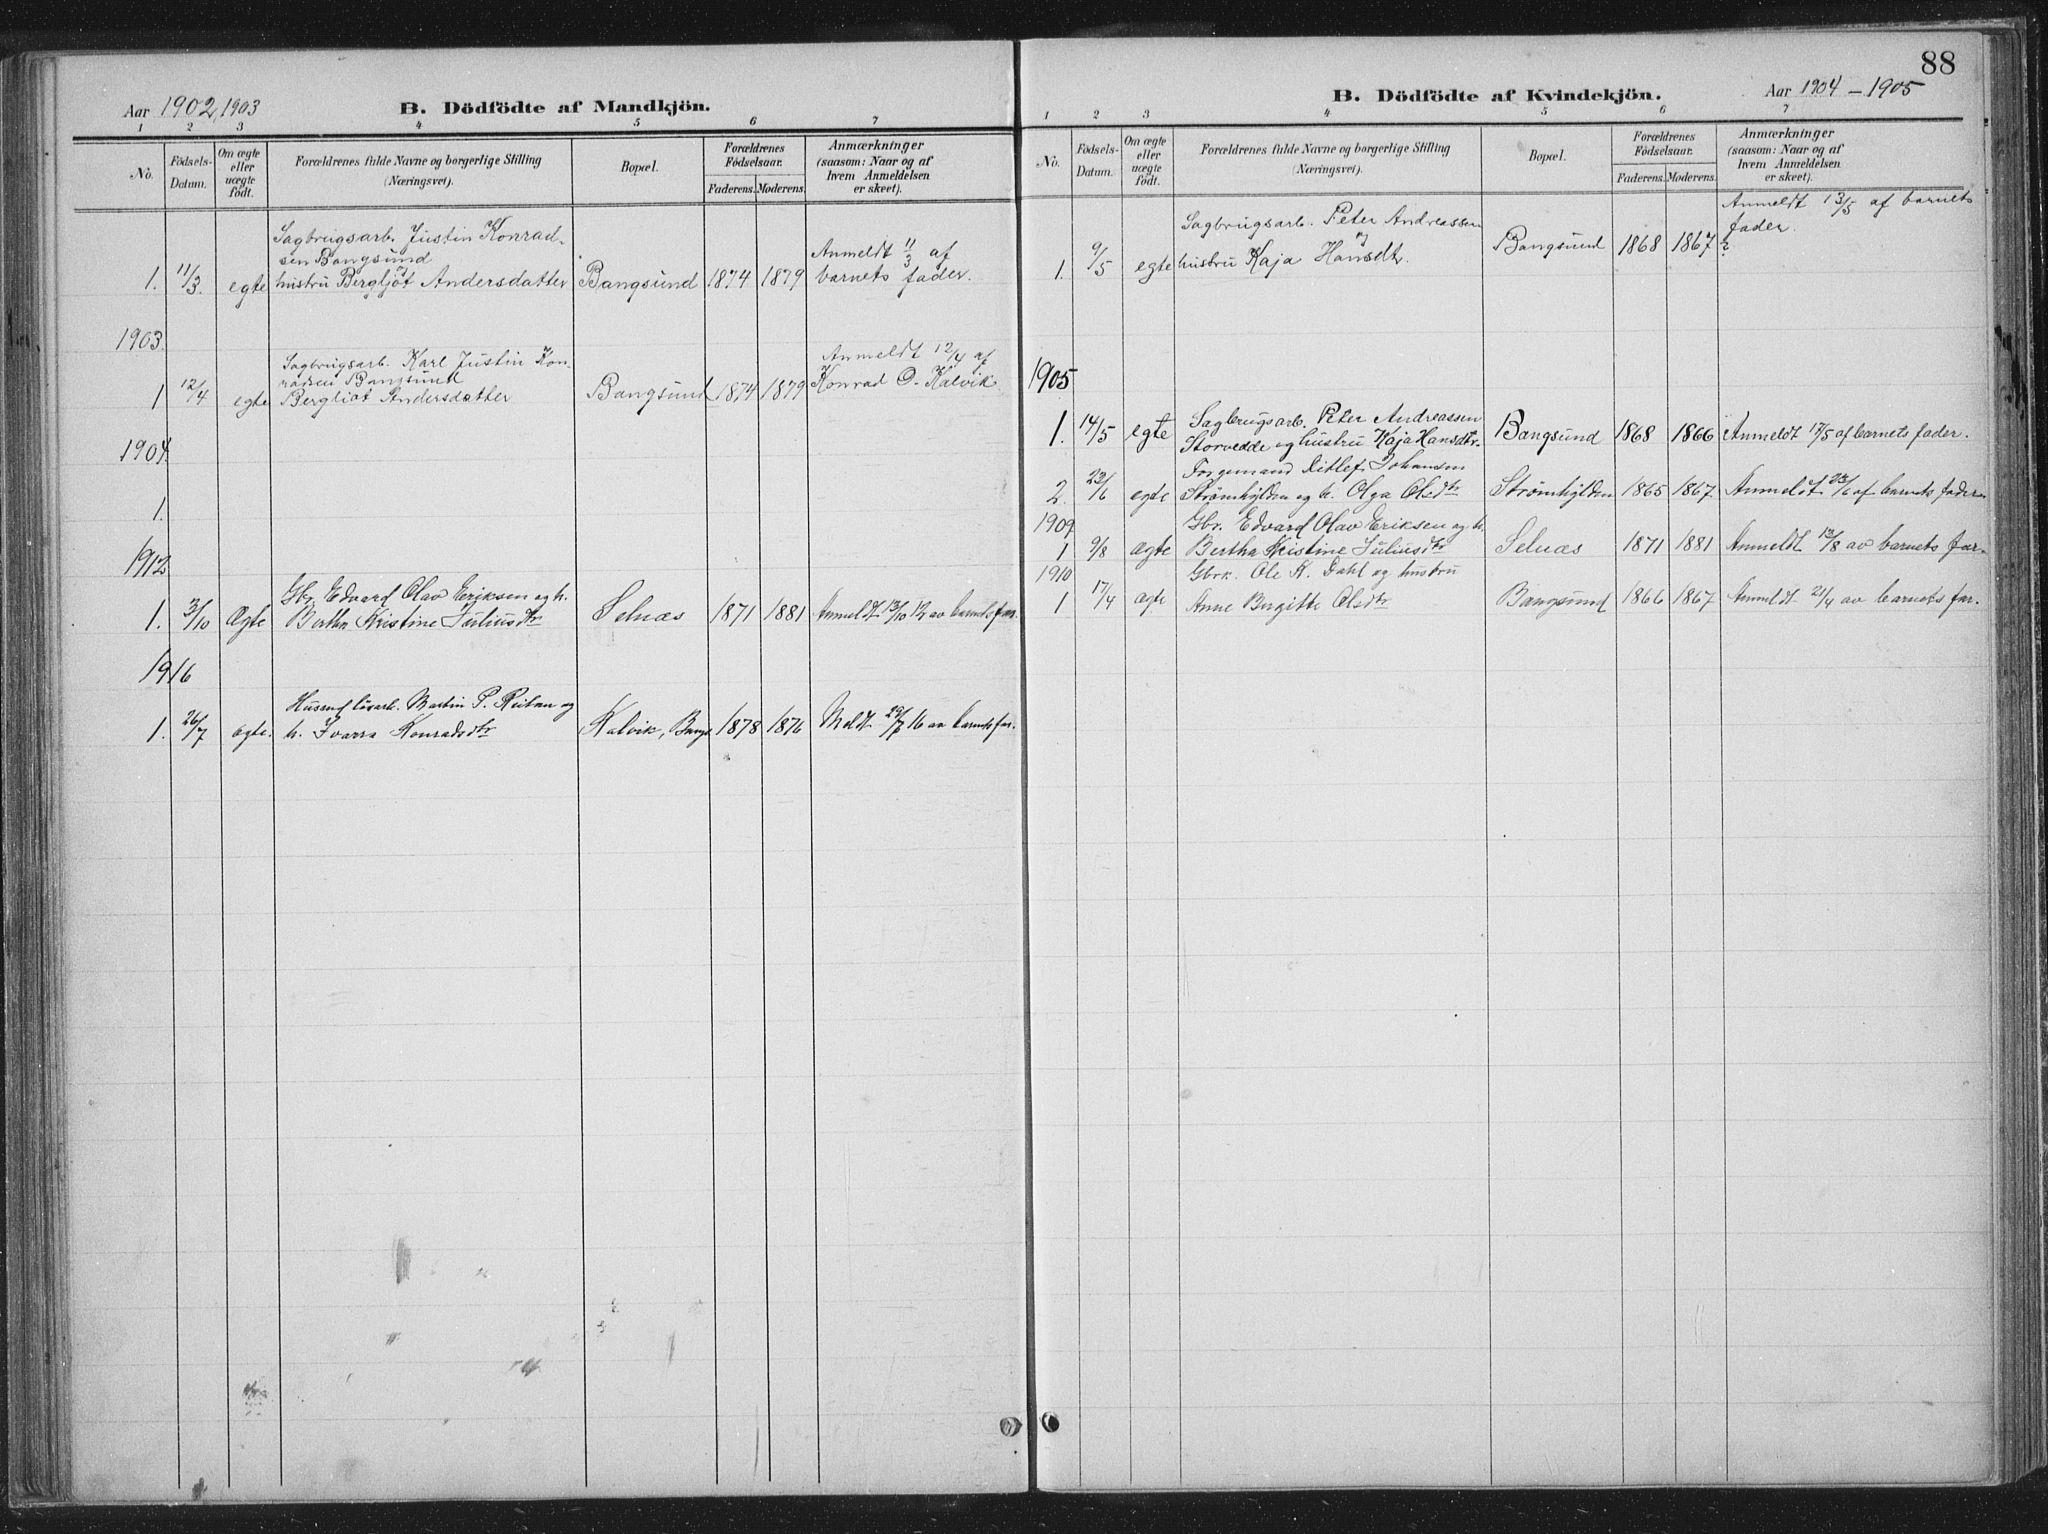 SAT, Ministerialprotokoller, klokkerbøker og fødselsregistre - Nord-Trøndelag, 770/L0591: Klokkerbok nr. 770C02, 1902-1940, s. 88